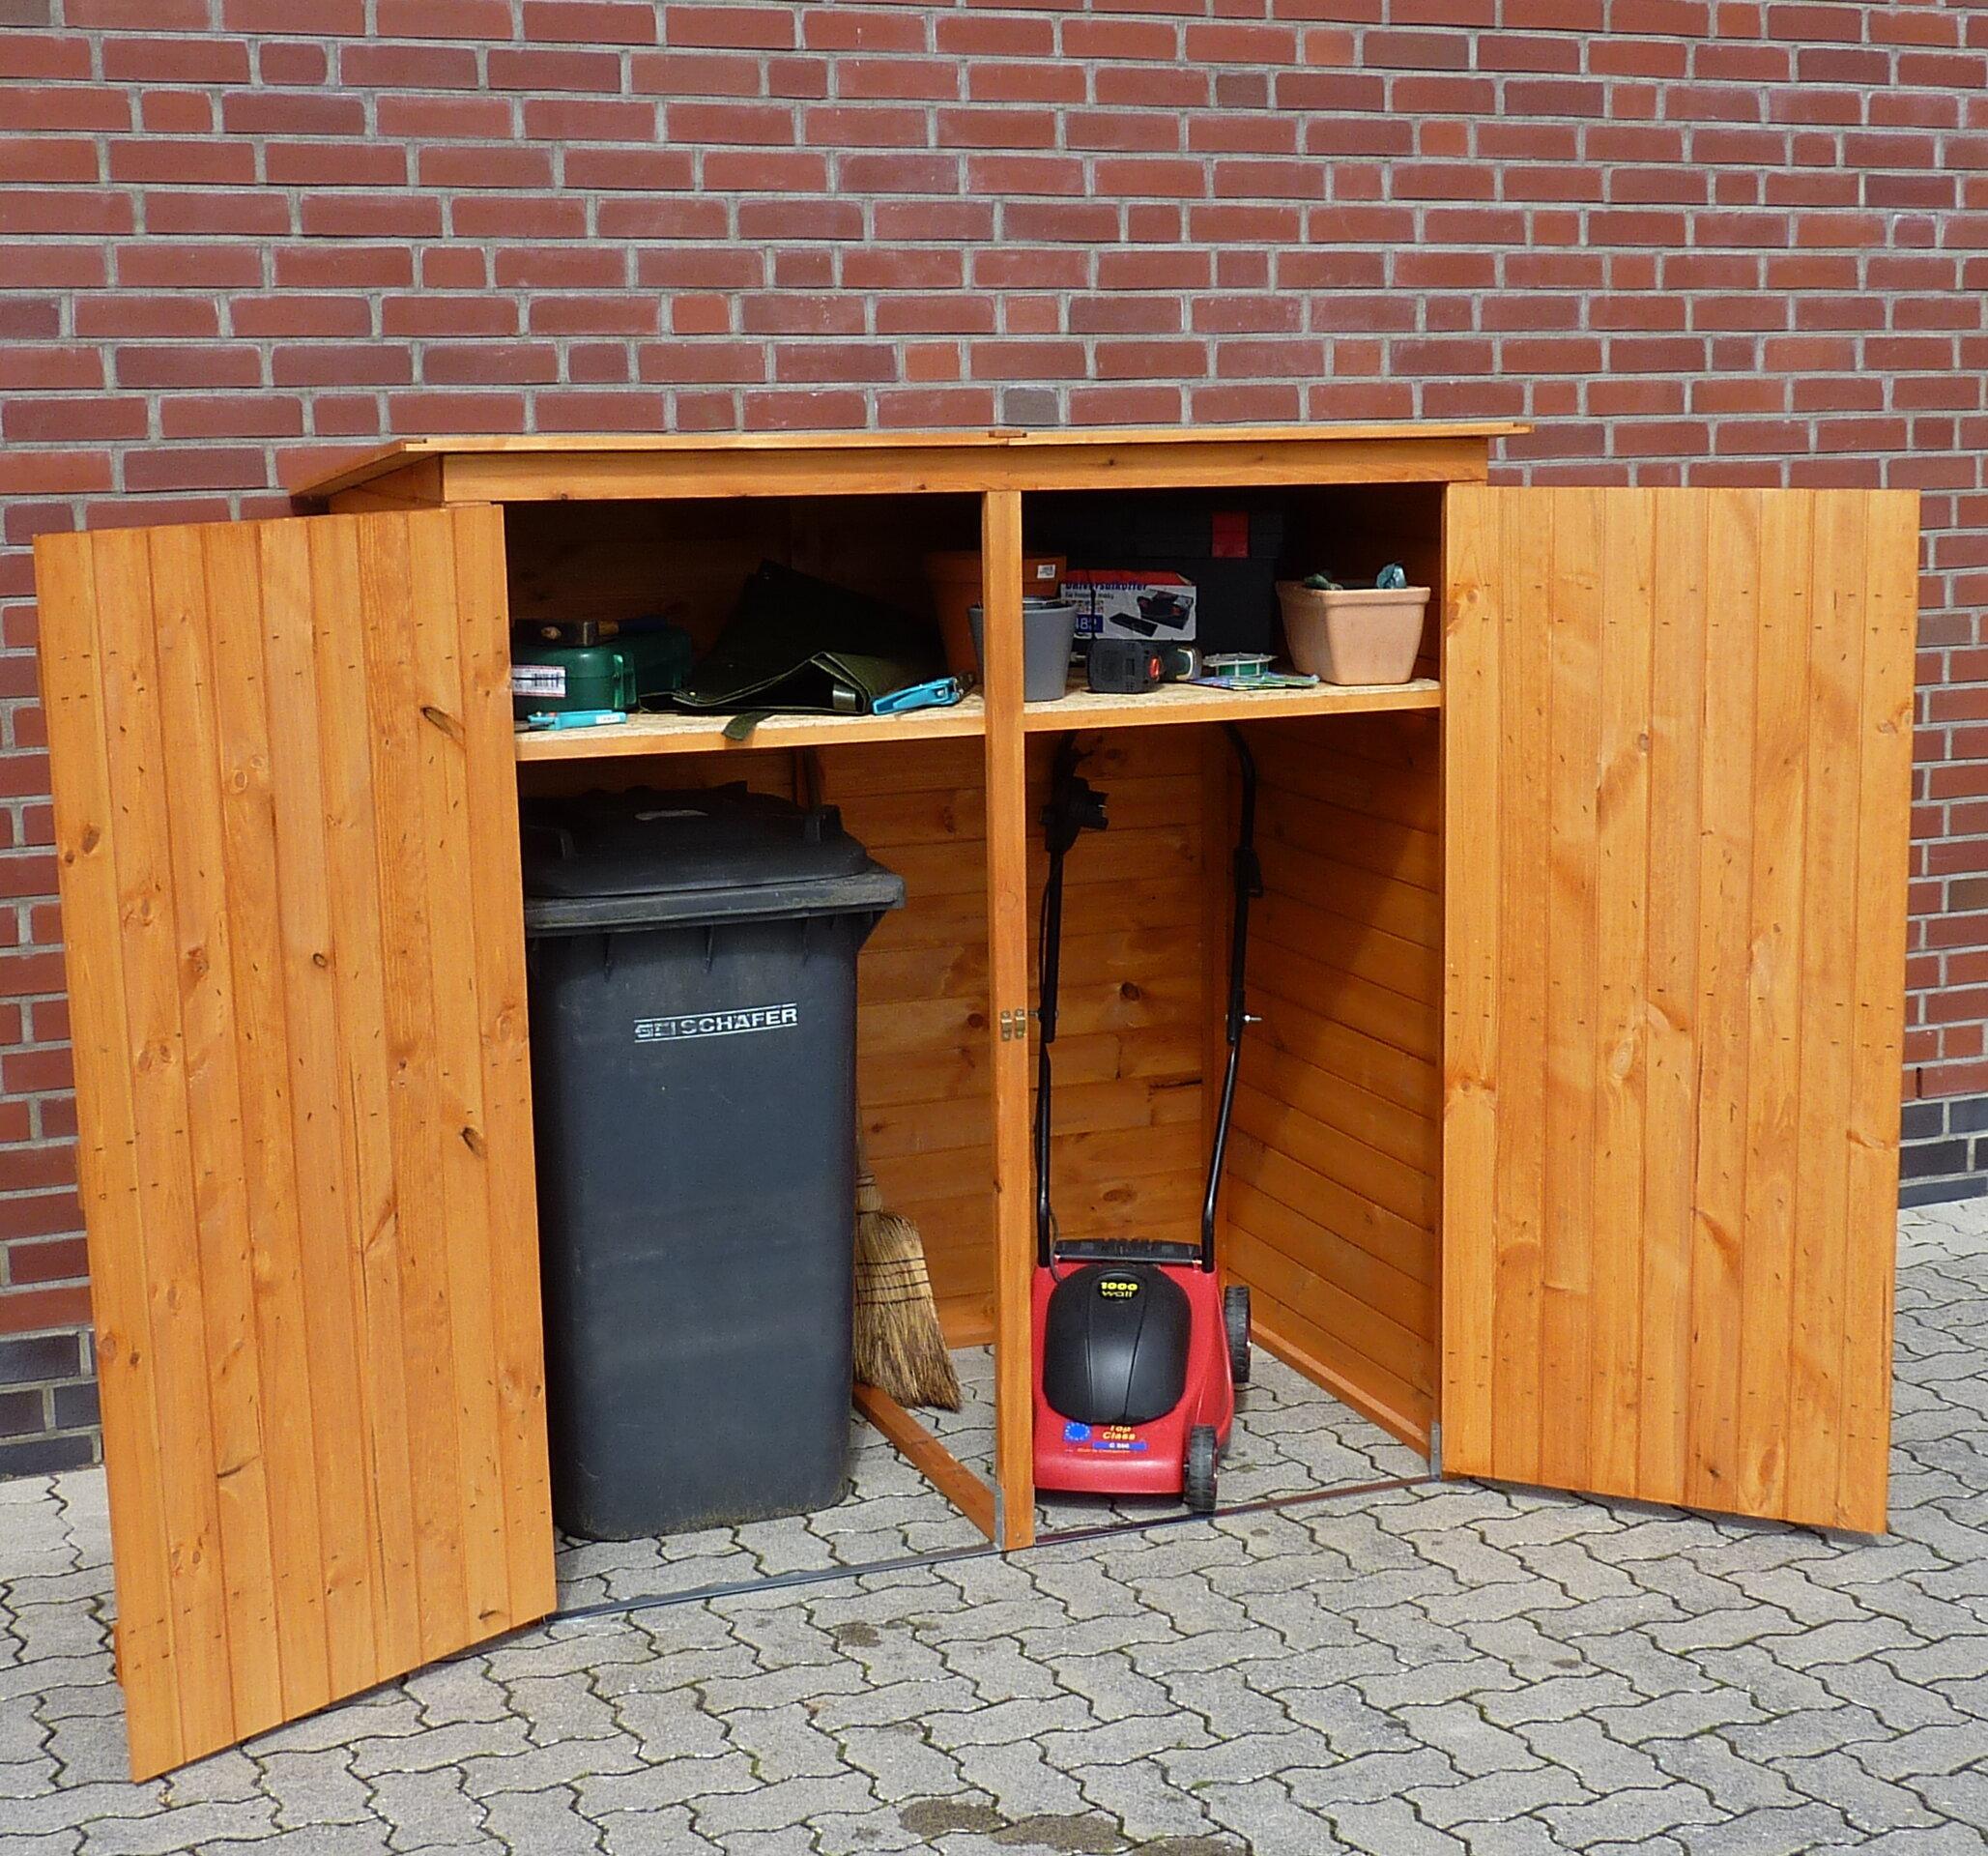 dcor design 163 x 166 cm mülltonnenbox aus holz | wayfair.de